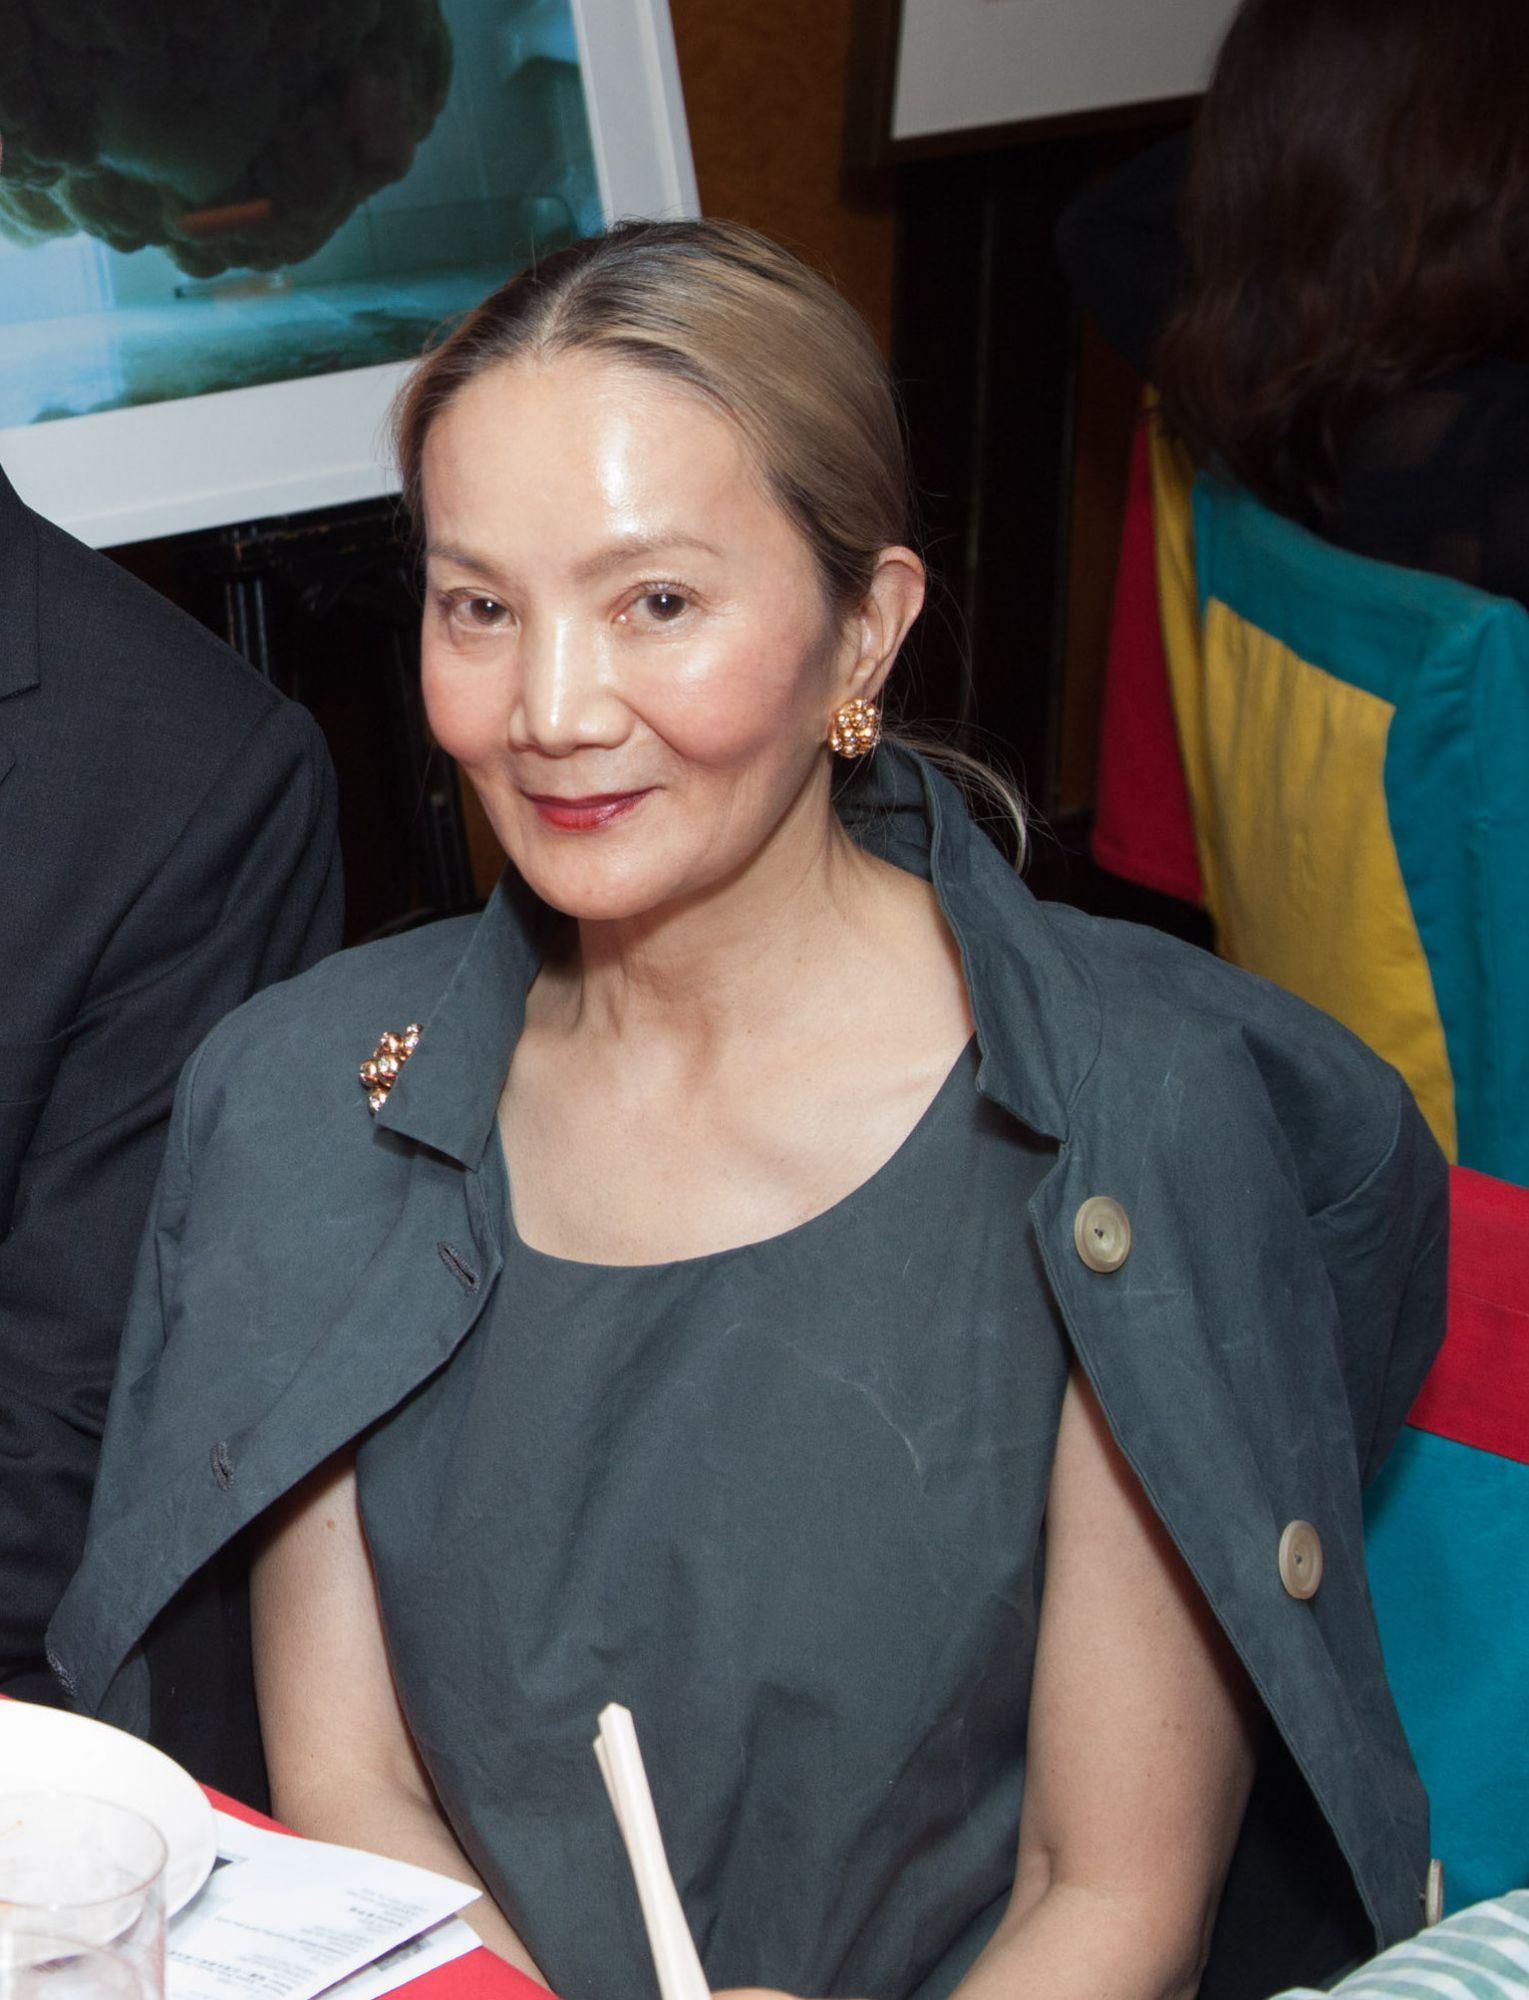 Reina Chau